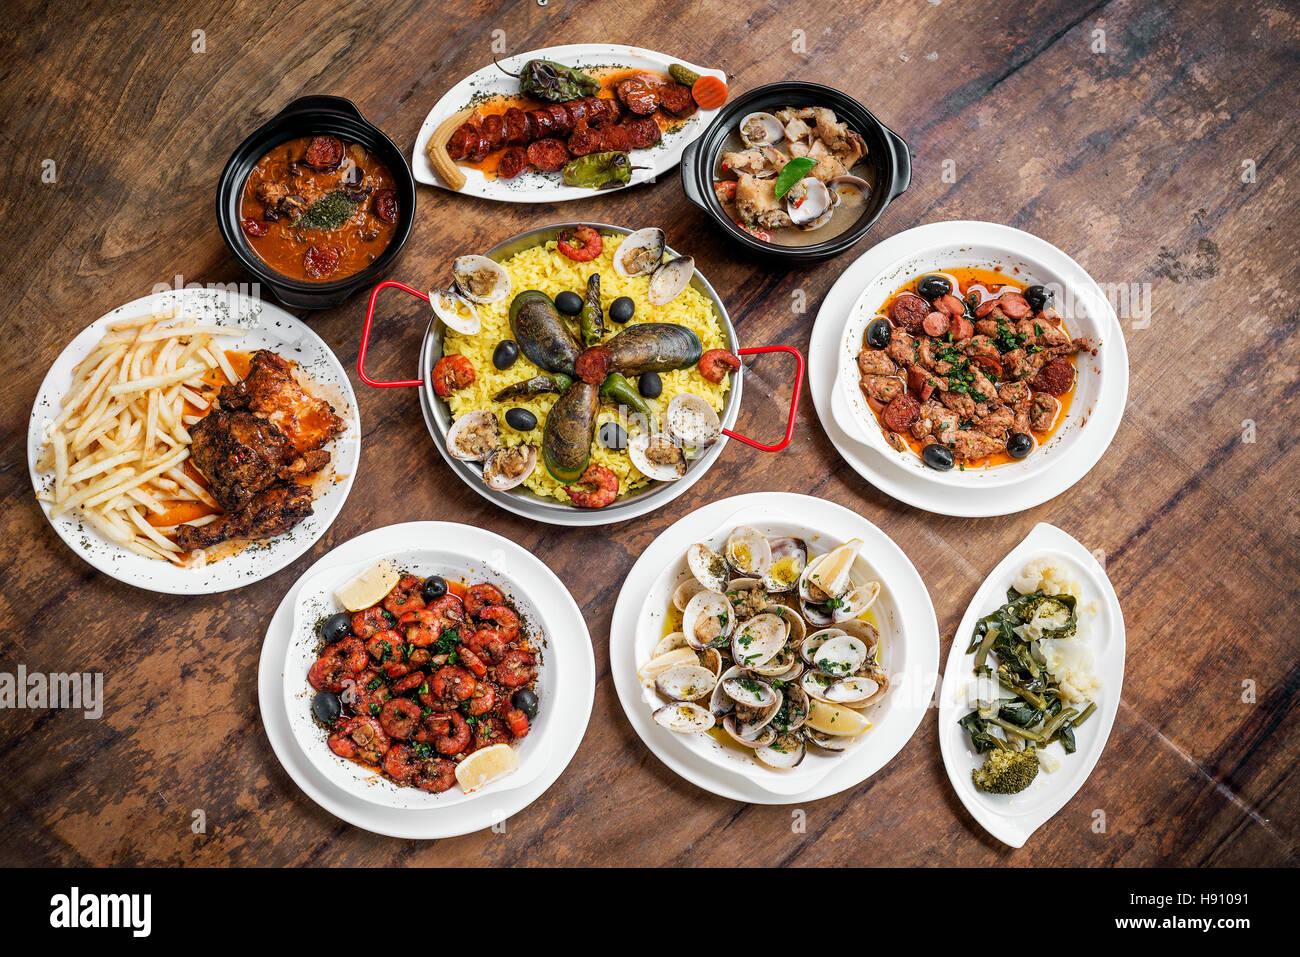 Portoghese misti in stile rustico tradizionale cibo tapas selezione gourmet sulla tavola di legno Immagini Stock